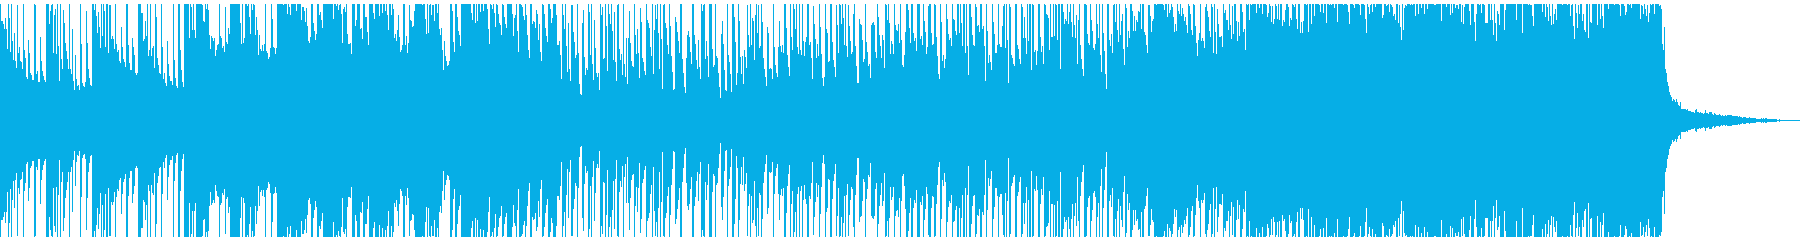 明るく、後半からは疾走感のある曲です。の再生済みの波形